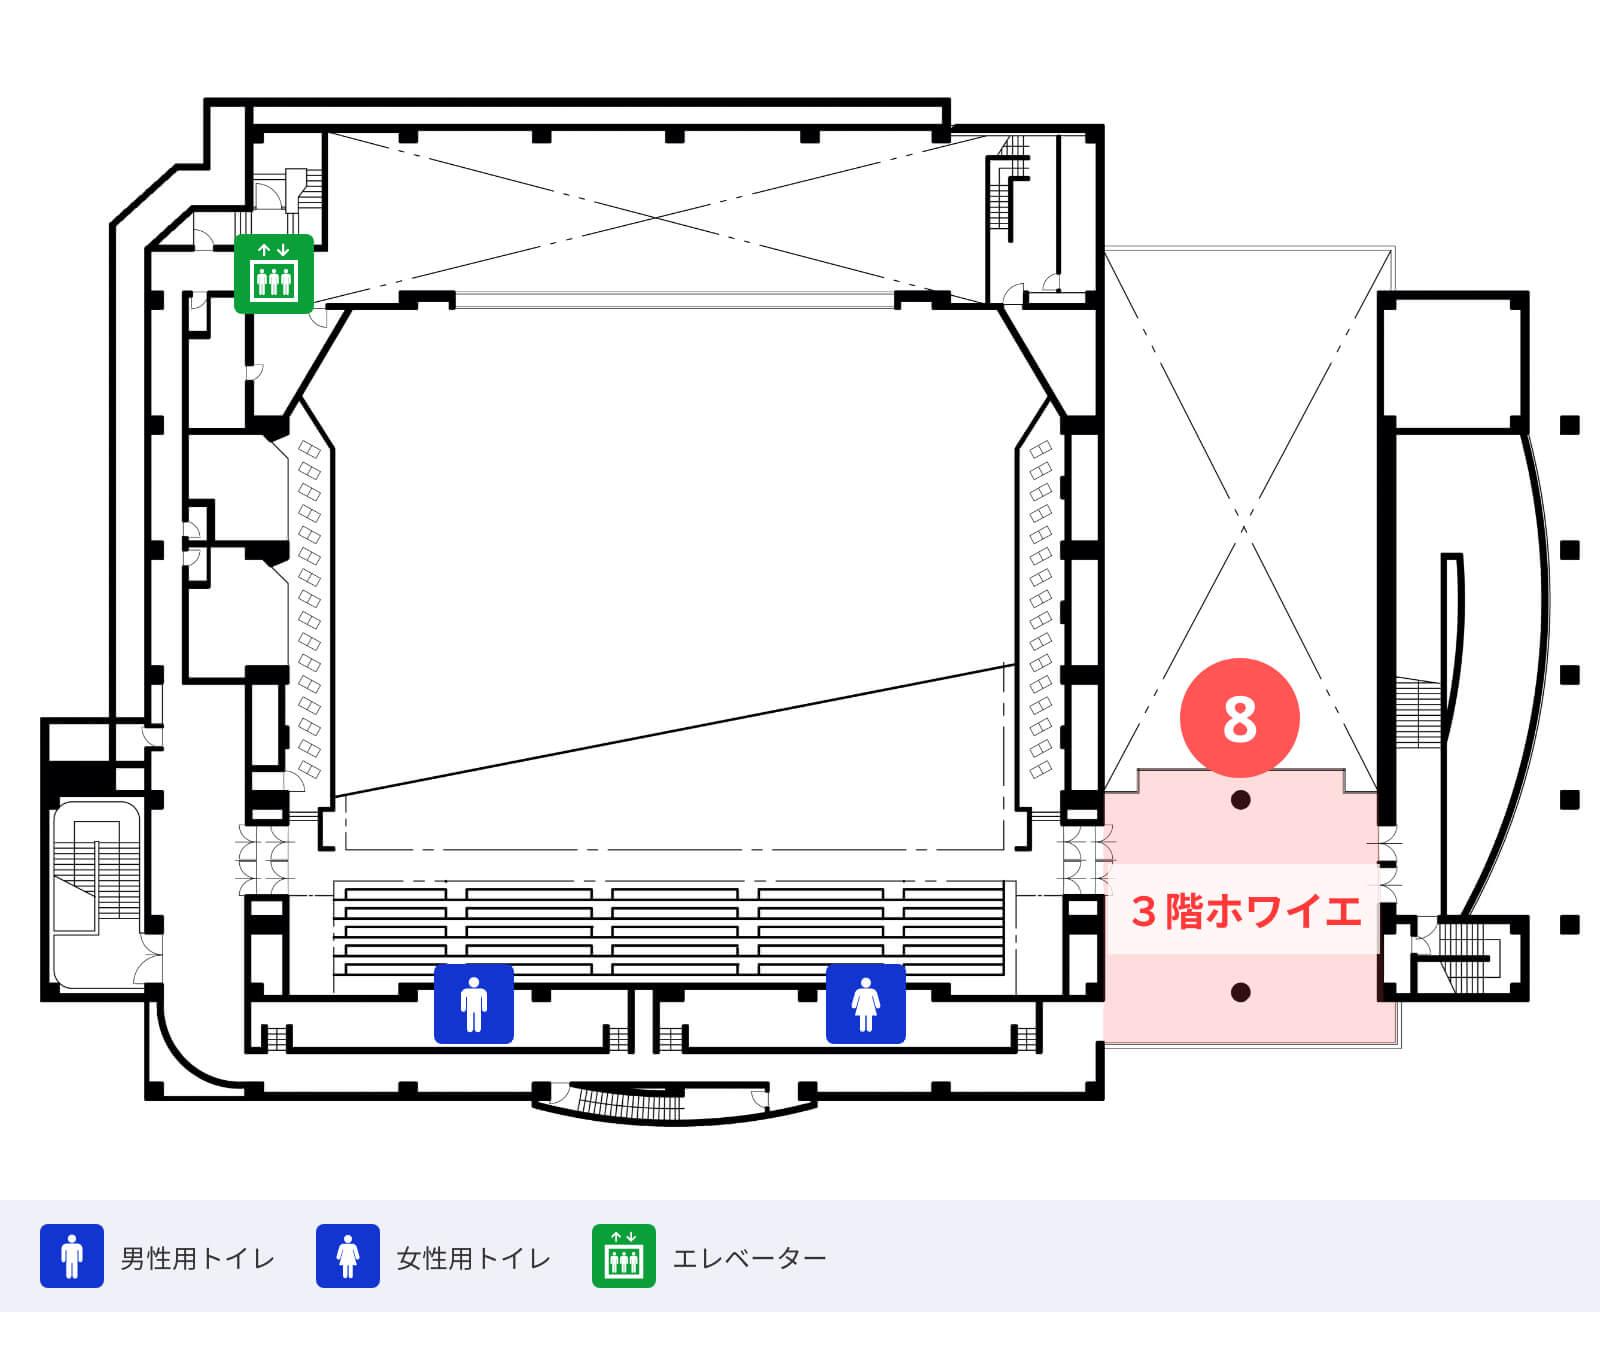 フロアマップ 2階